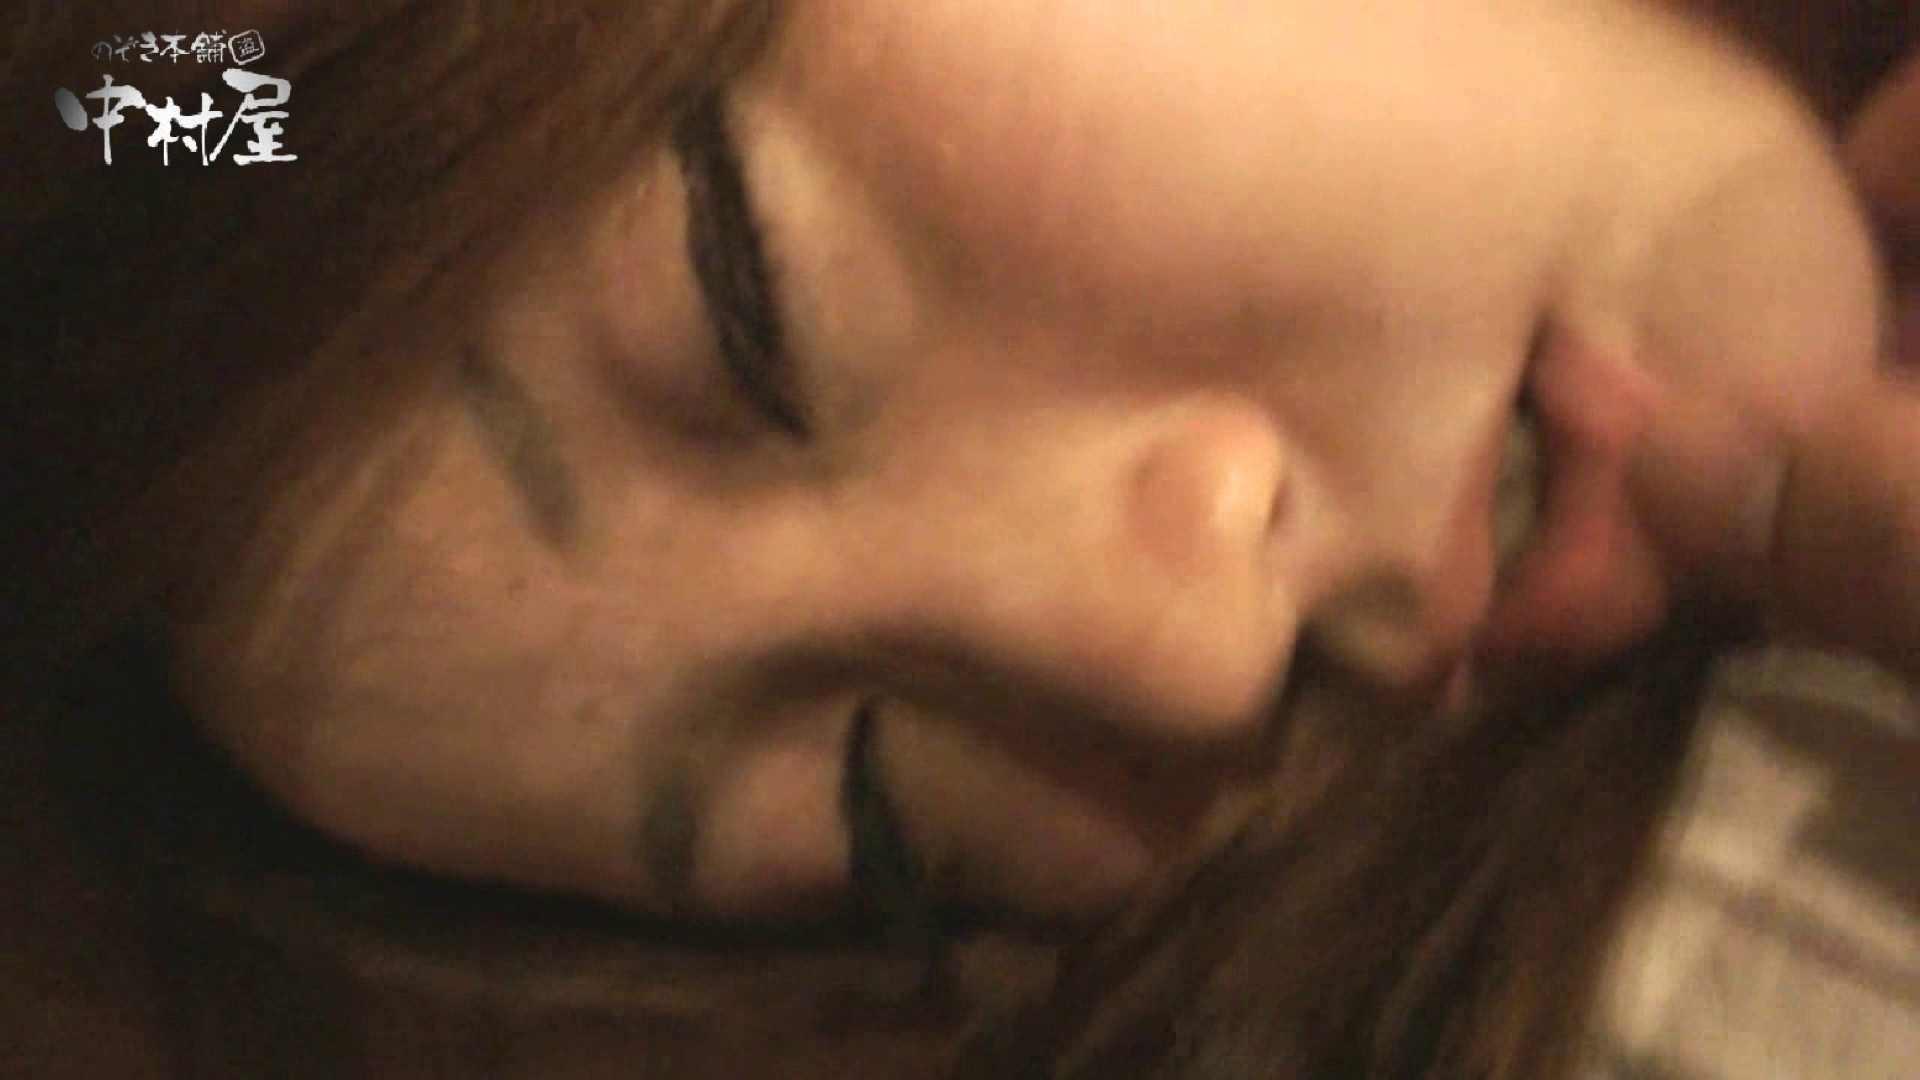 欲望 リアルドール Case.11 Sちゃん現役女子大生19歳 前編 イタズラ | 萌え女子大生  78連発 55